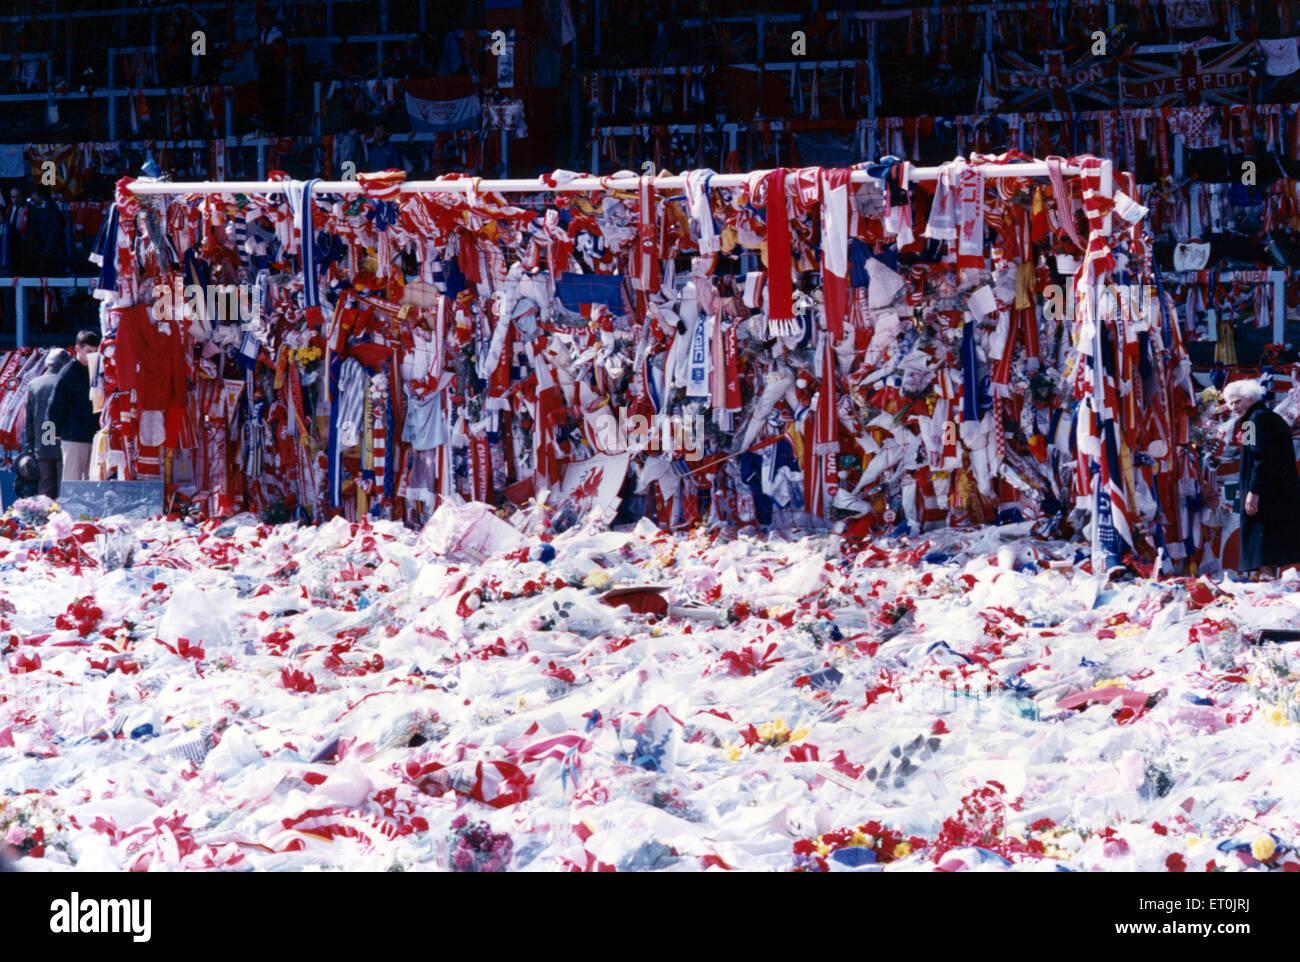 La goalmouth sobre el tono en Anfield, cubierto con el Liverpool y el Everton bufandas y banderas como señal de respeto a los muchos fans de Liverpool que perdieron la vida en Hillsborough sólo unos días antes. El 18 de abril de 1989. Foto de stock